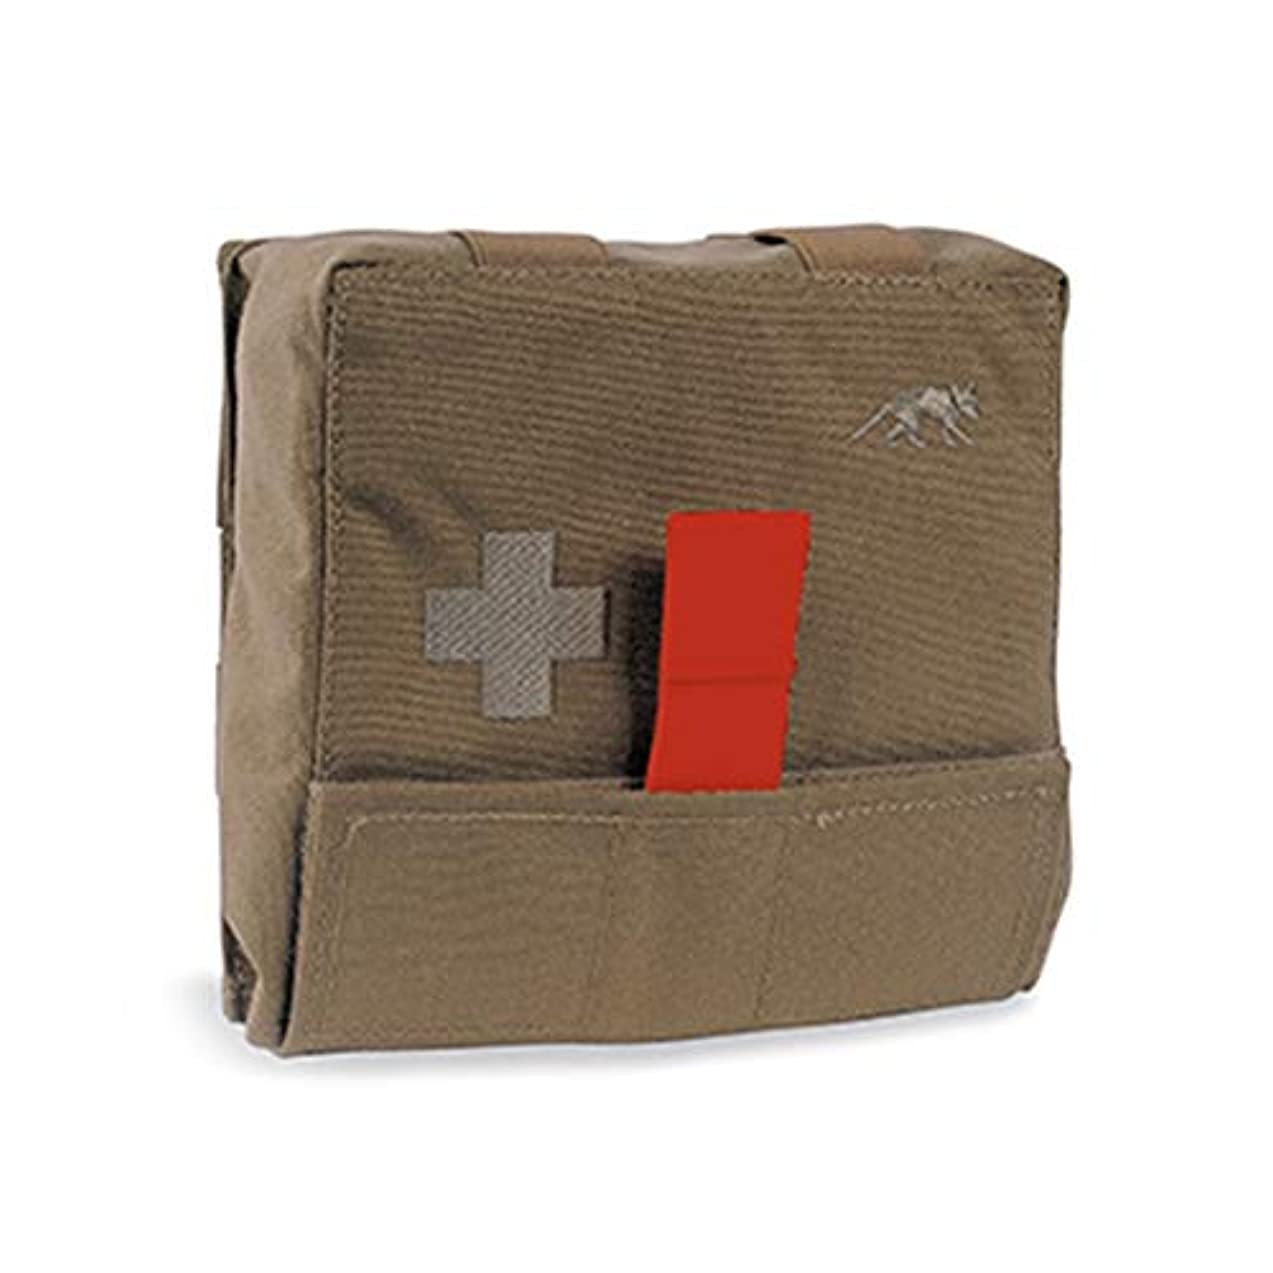 フルート範囲君主First aid kit 屋外の救急車袋の携帯用個人的な救急箱旅行保護装置のパッケージ/黒、茶色/ 15 x 15 x 5 cm XBCDP (Color : Brown)